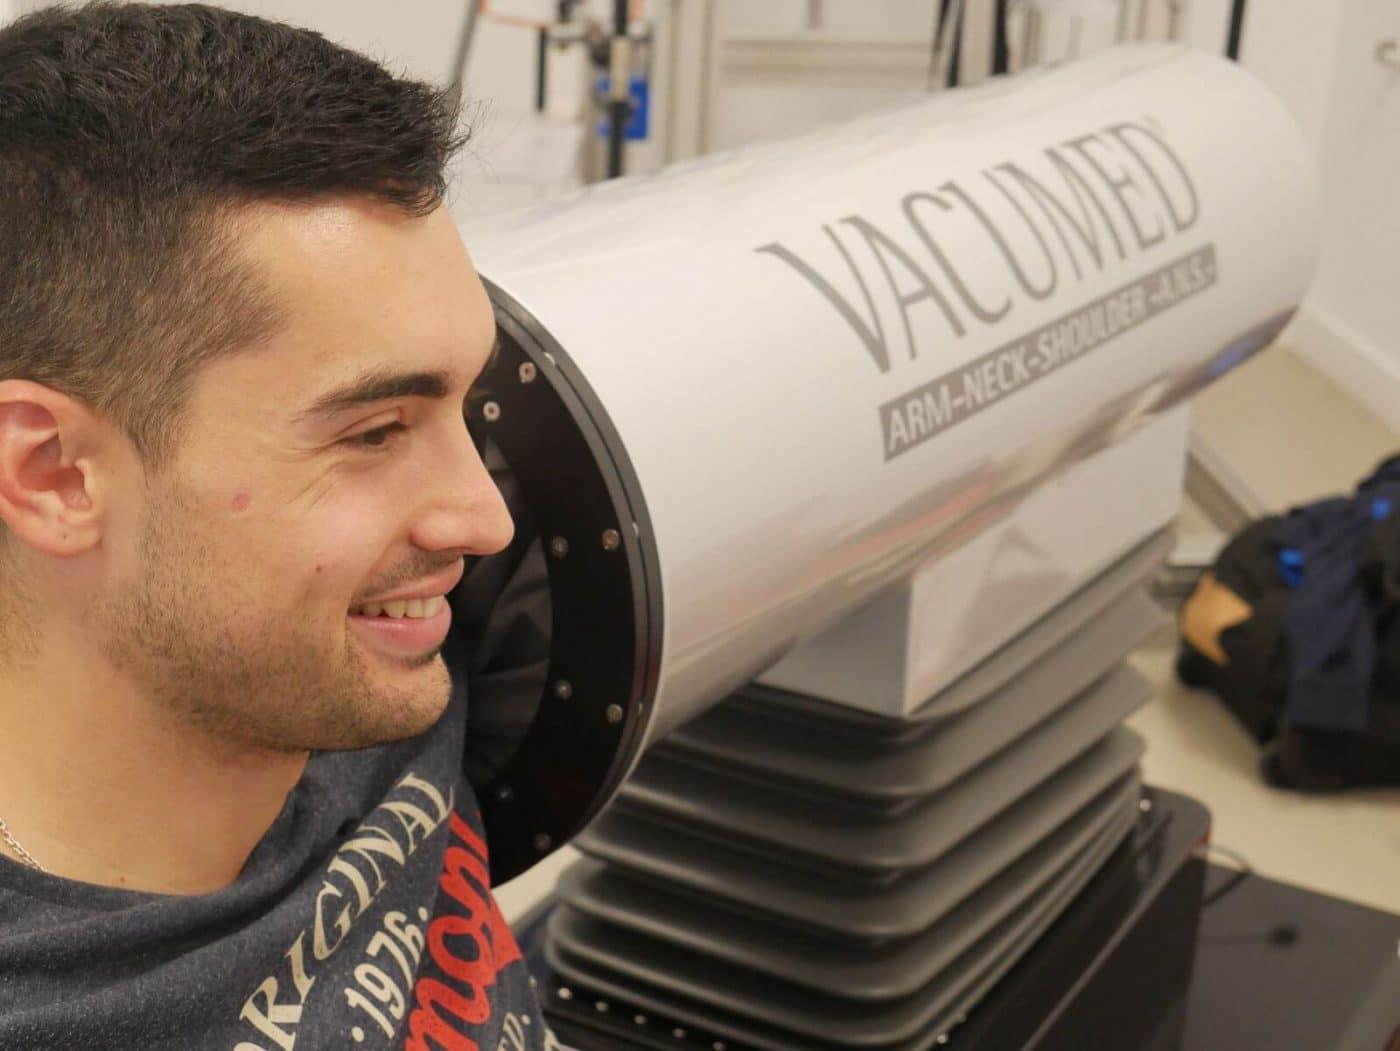 Tecnología de la NASA para tratar a los pelotaris Untoria, Esteban y Salaverri 2